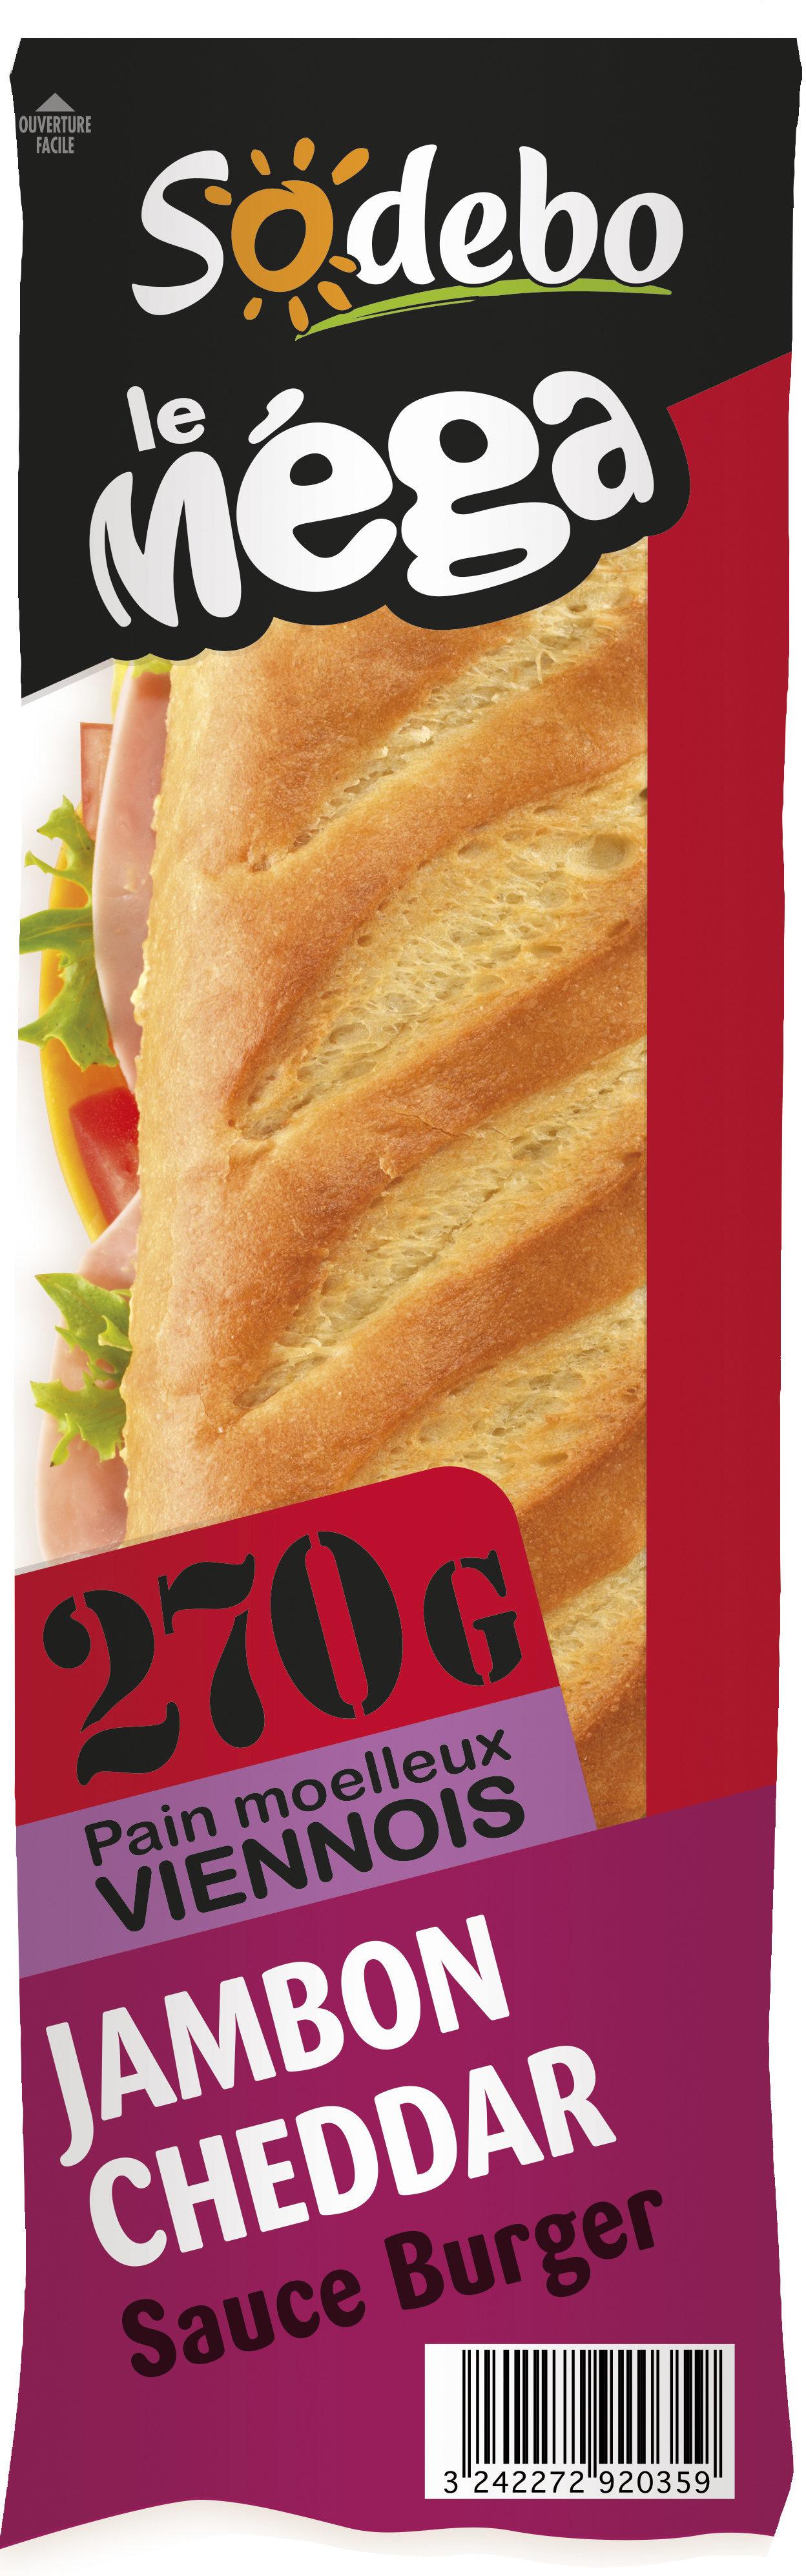 Sandwich Le Méga - Baguette - Jambon Cheddar Sauce burger - Product - fr